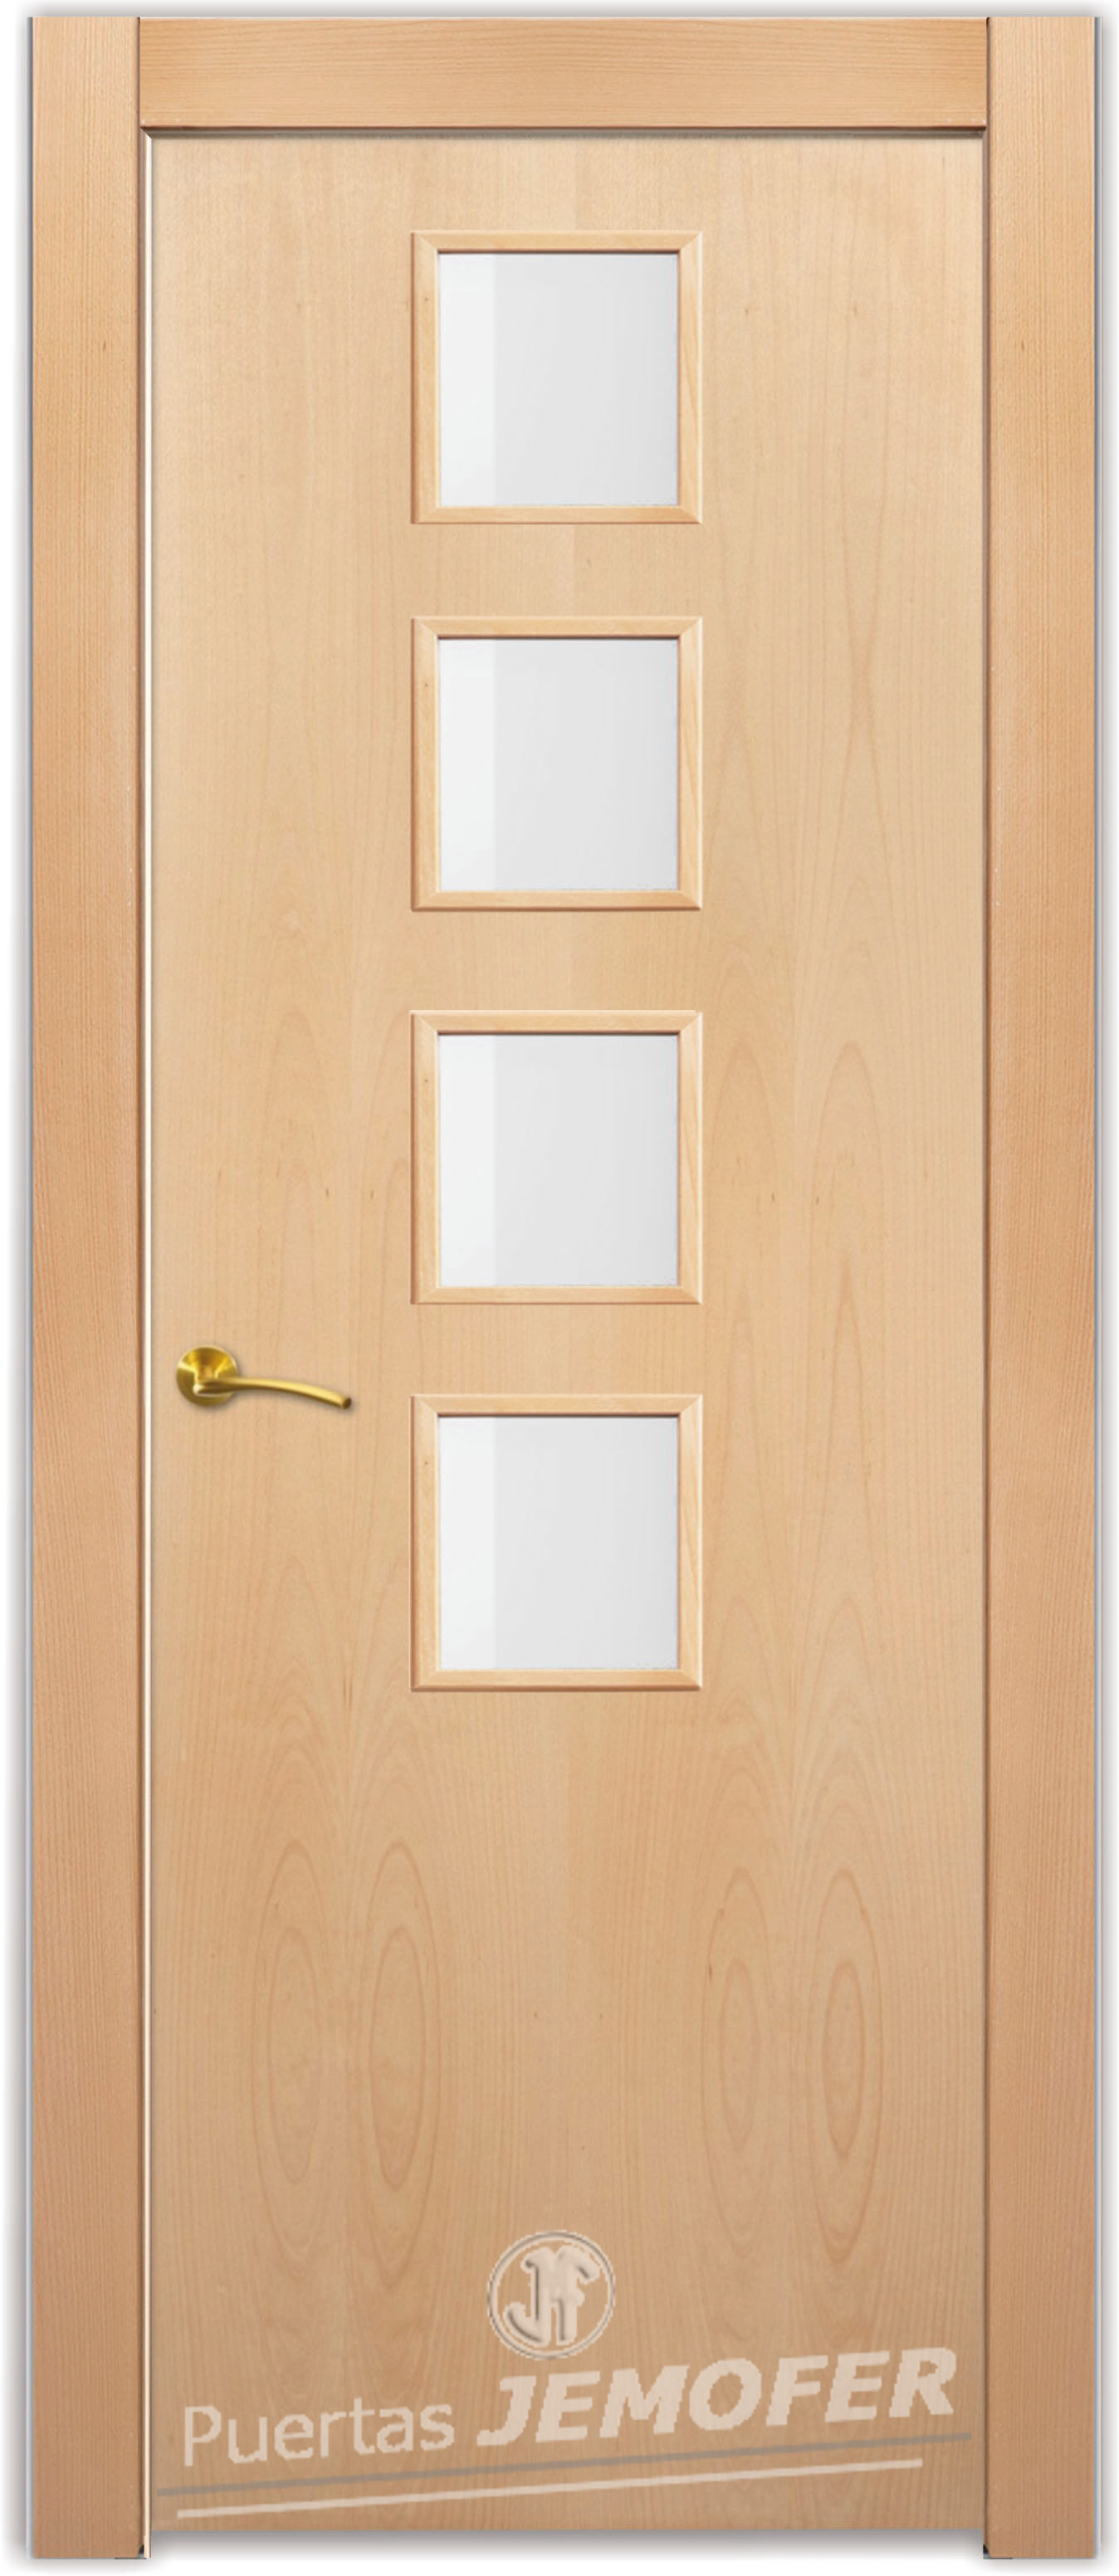 Puerta interior moderna l1 4vc puertas jemofer - Puertas modernas interior ...